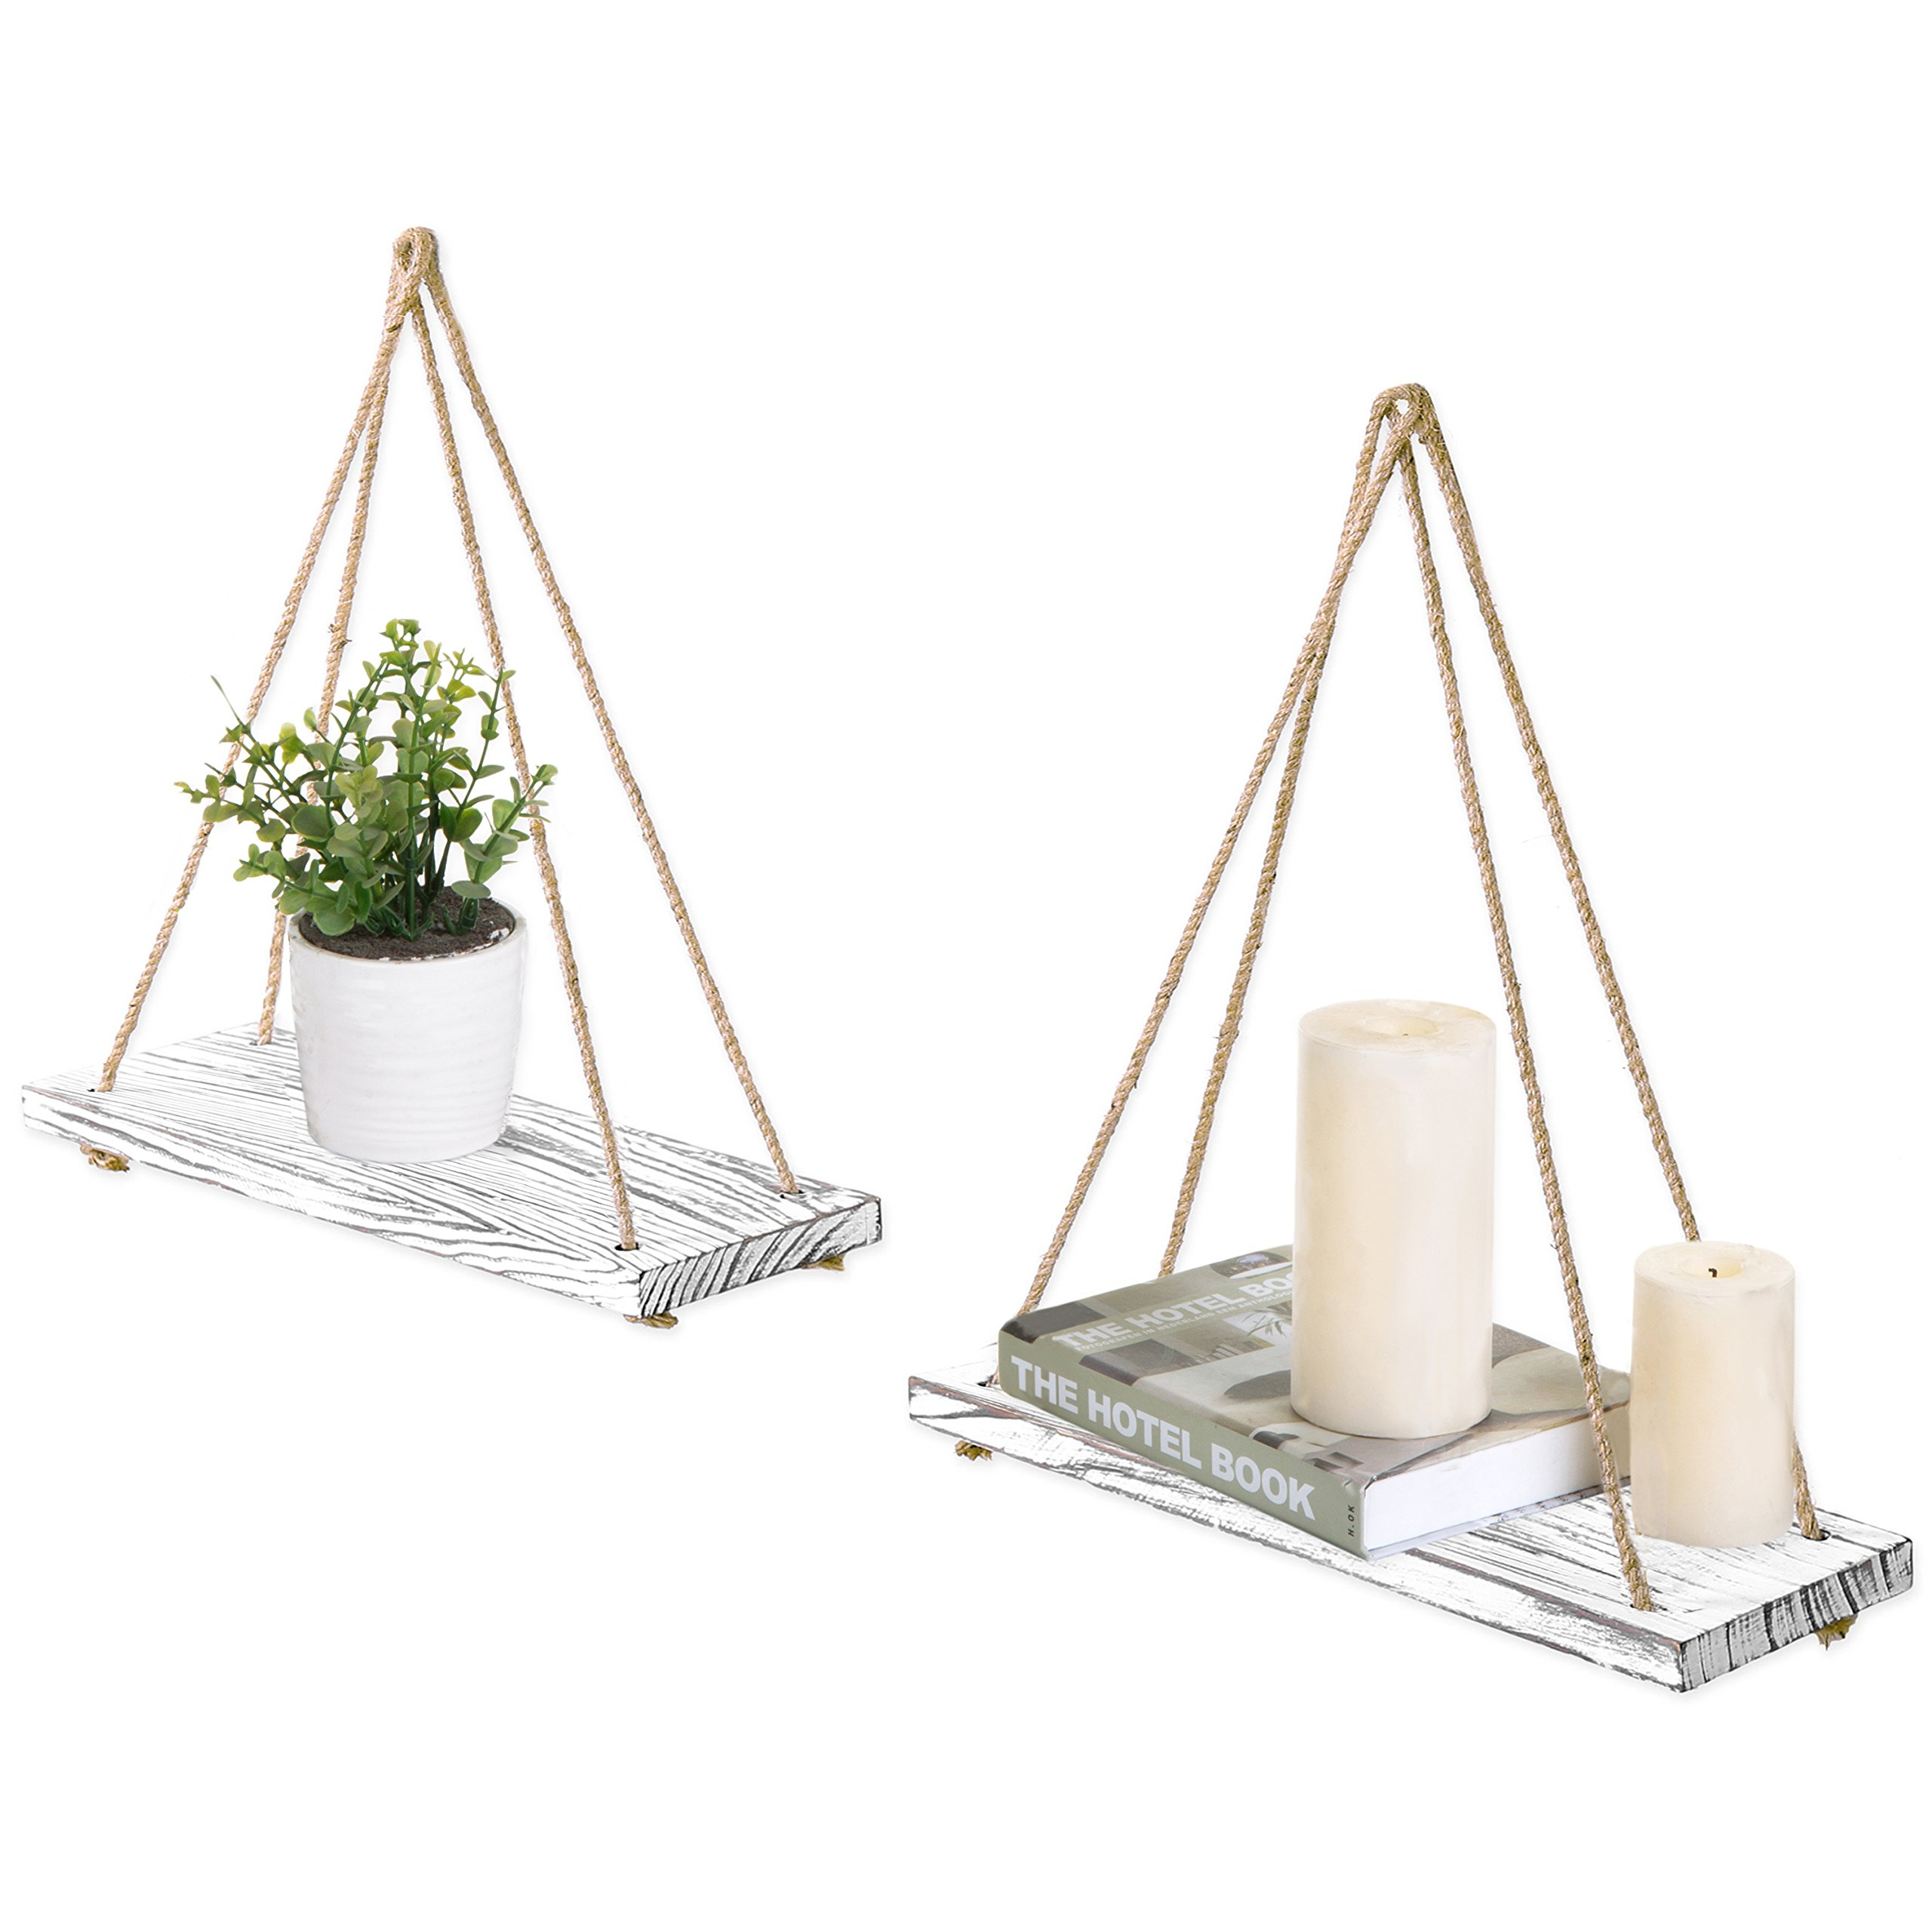 MyGift 17-inch Whitewashed Wood Hanging Rope Swing Shelves, Set of 2 by MyGift (Image #1)